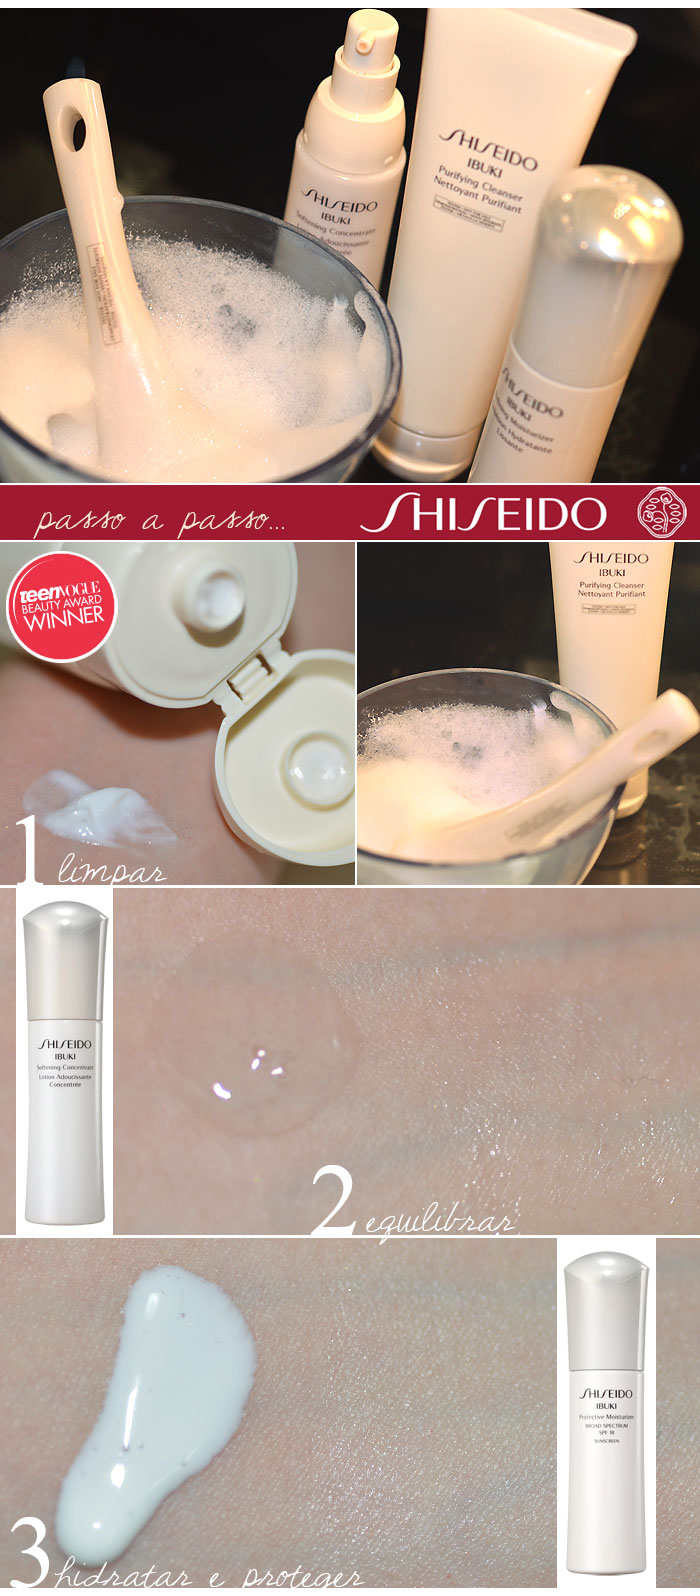 lancamento_ibuki_shiseido